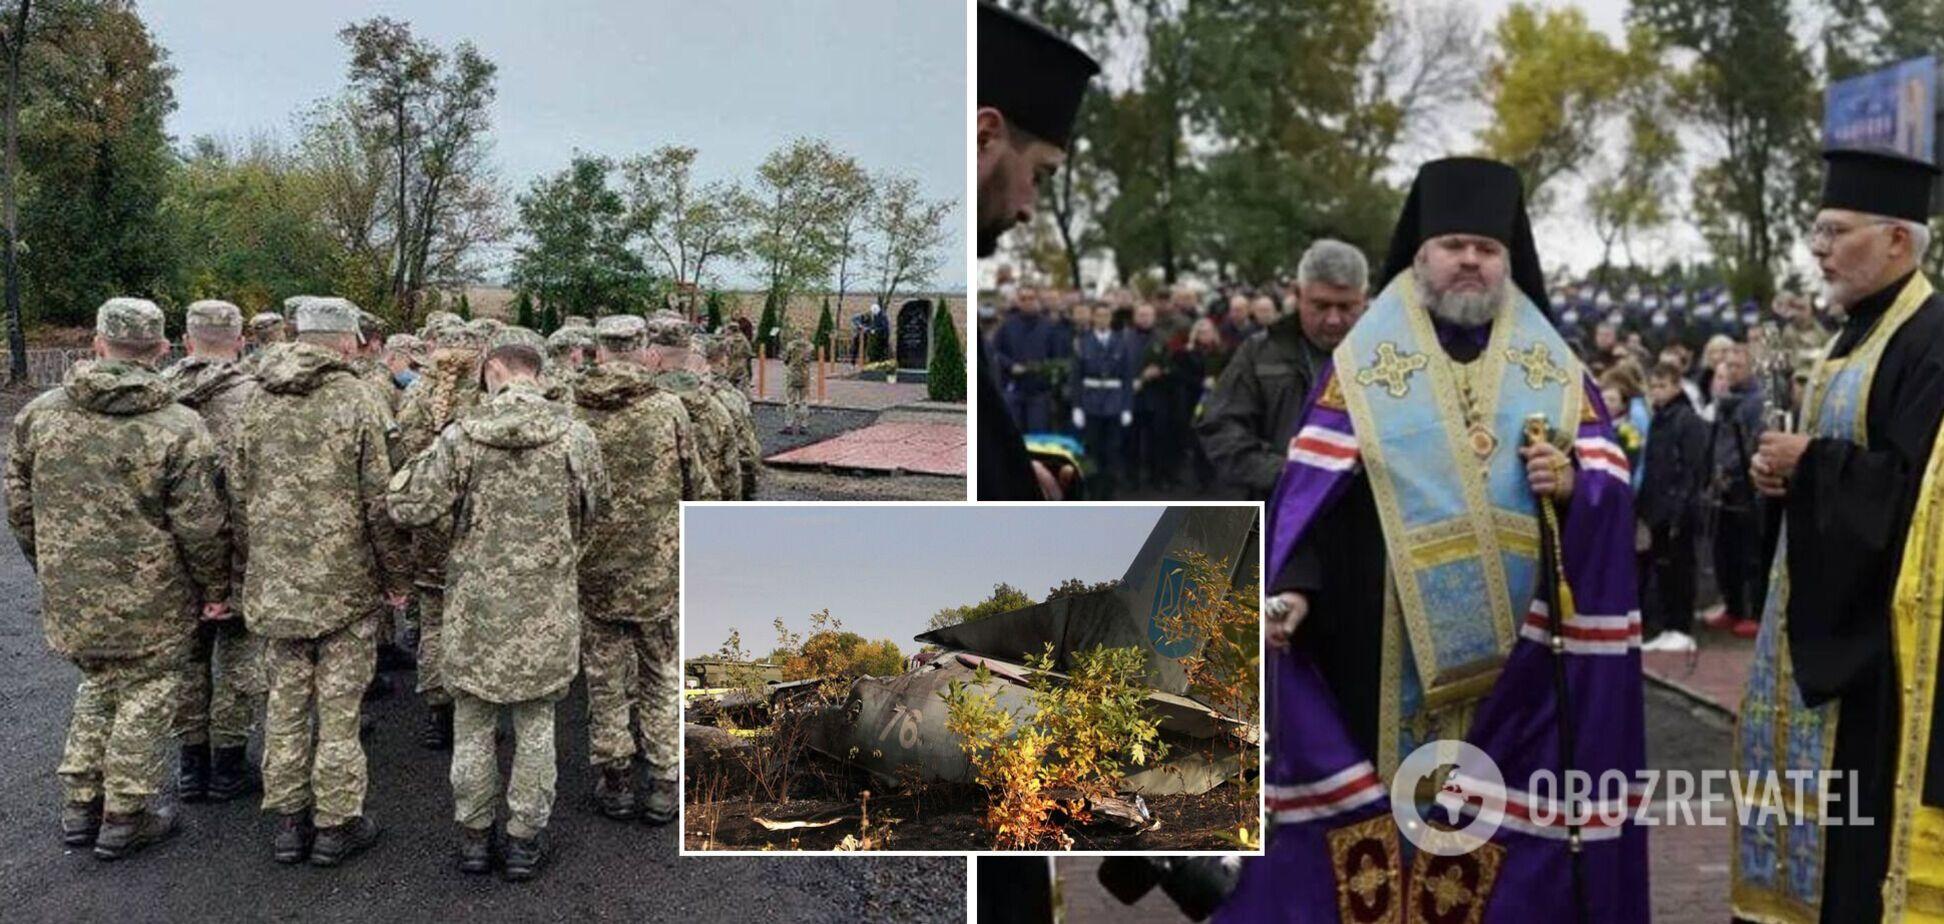 На Харківщині понад тисяча осіб вшанувала загиблих у катастрофі Ан-26 курсантів. Фото і відео